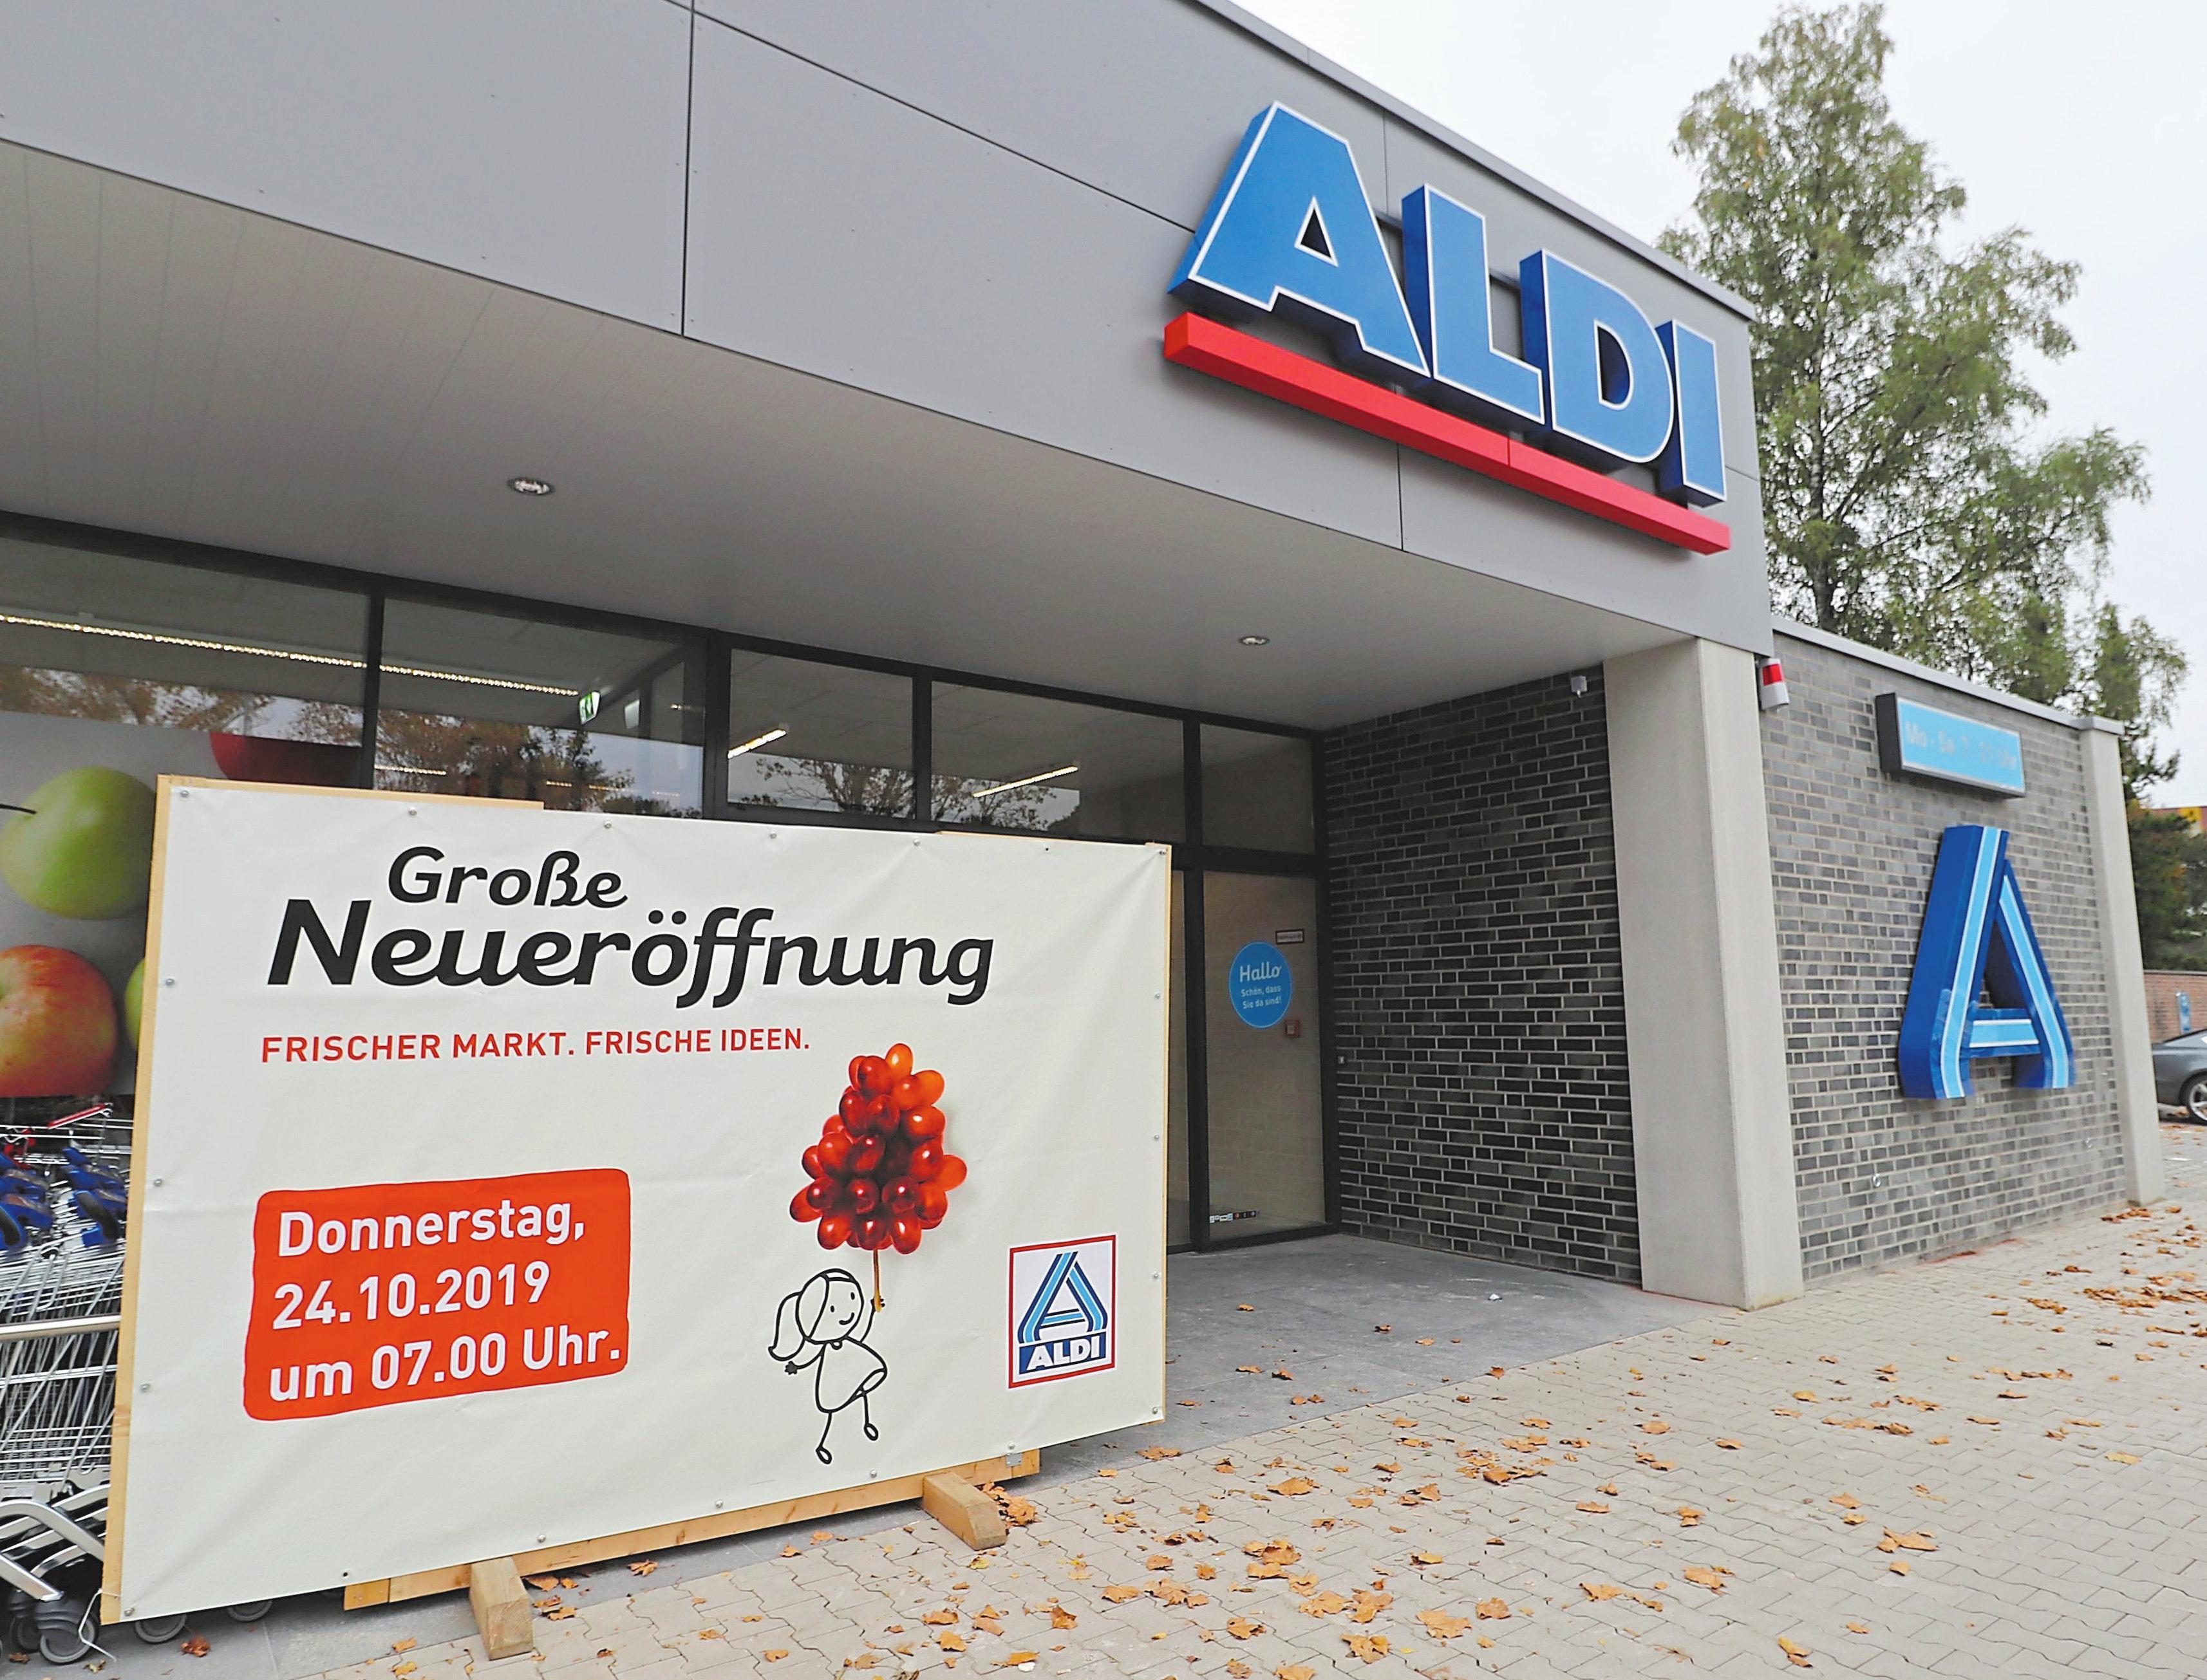 Das Schild gibt Auskunft: Am Donnerstag öffnen die Türen des neu errichteten Marktes. Fotos: Guido Kratzke